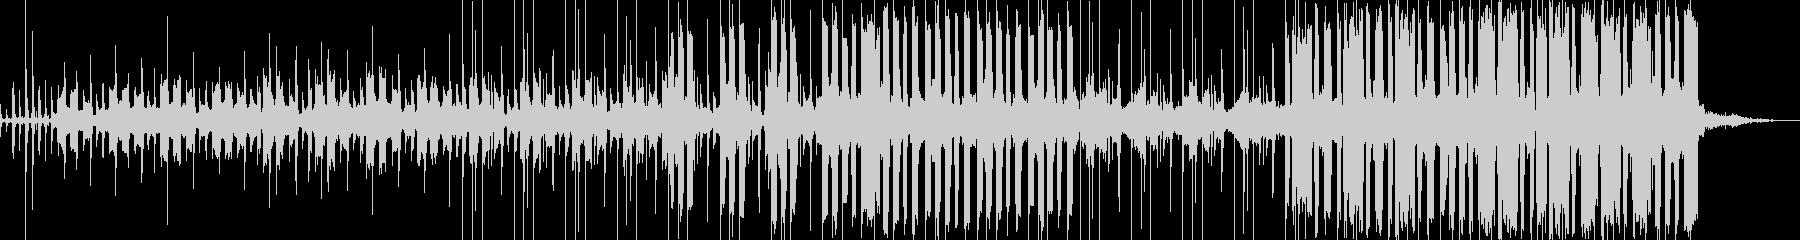 ゆったりとしたチル系の曲の未再生の波形